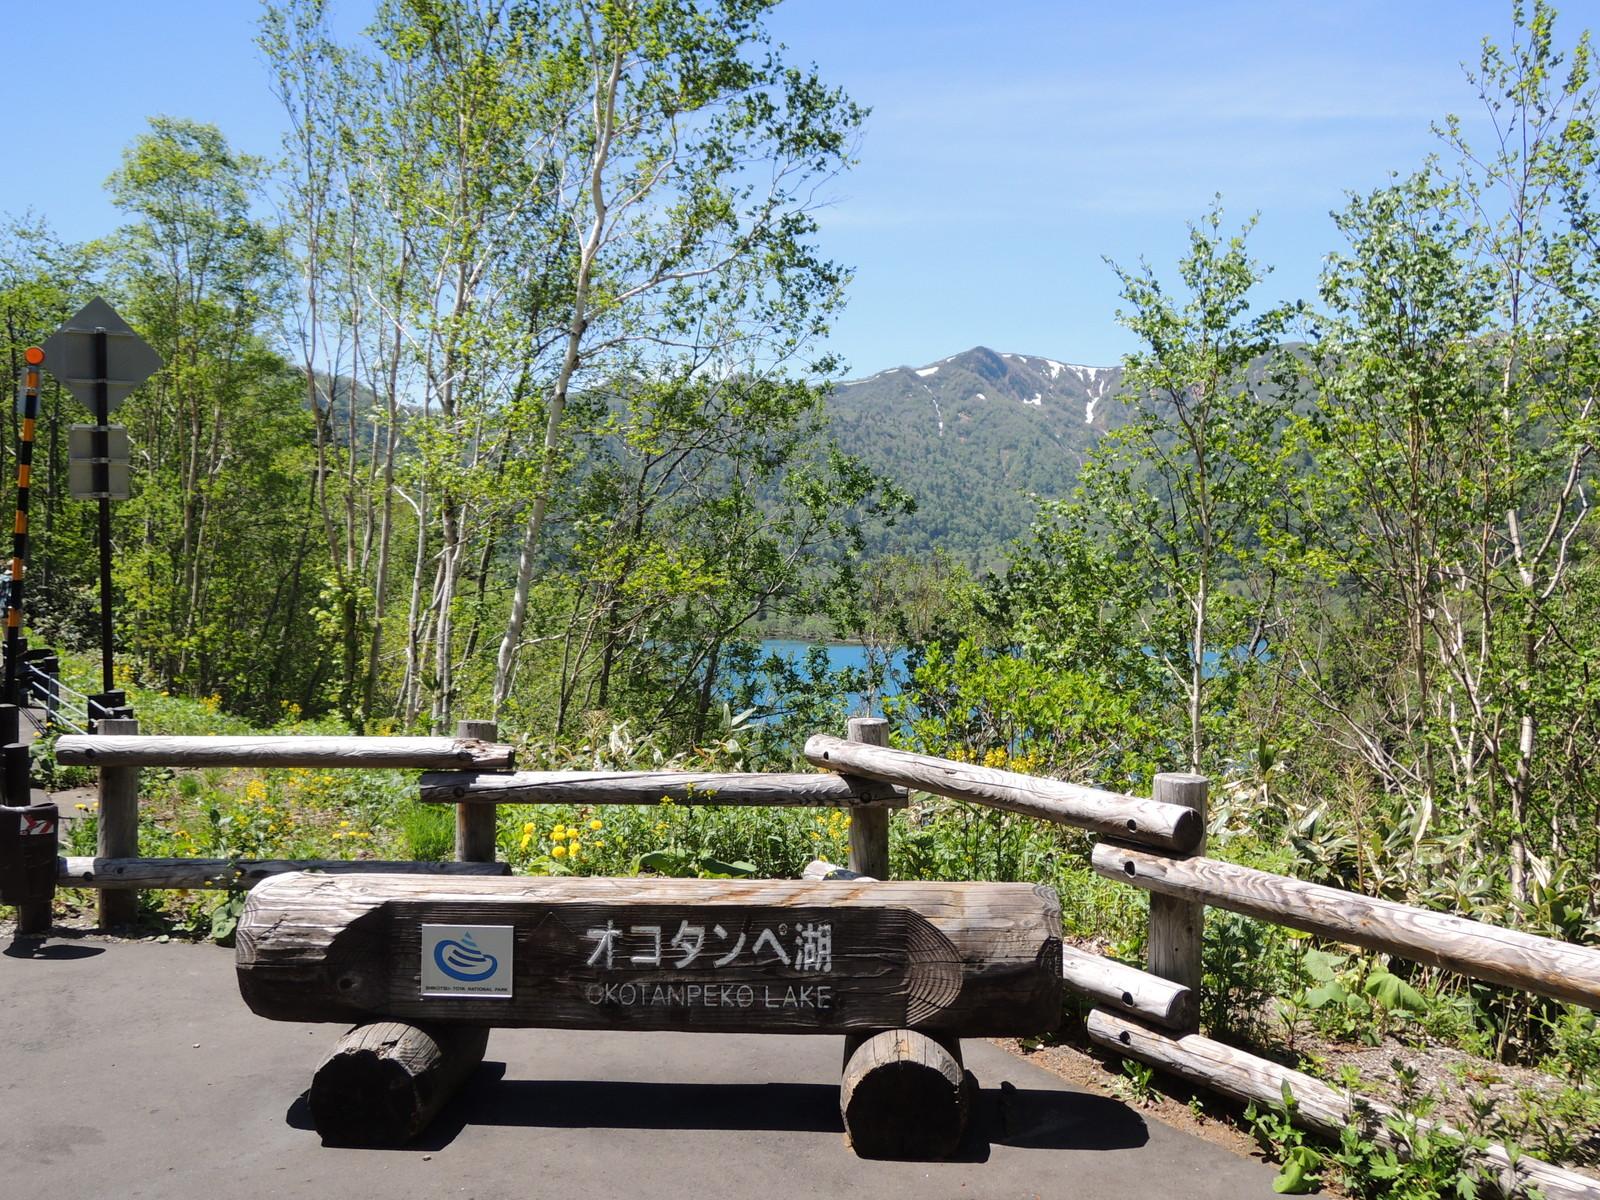 キャンプ 支笏 場 湖